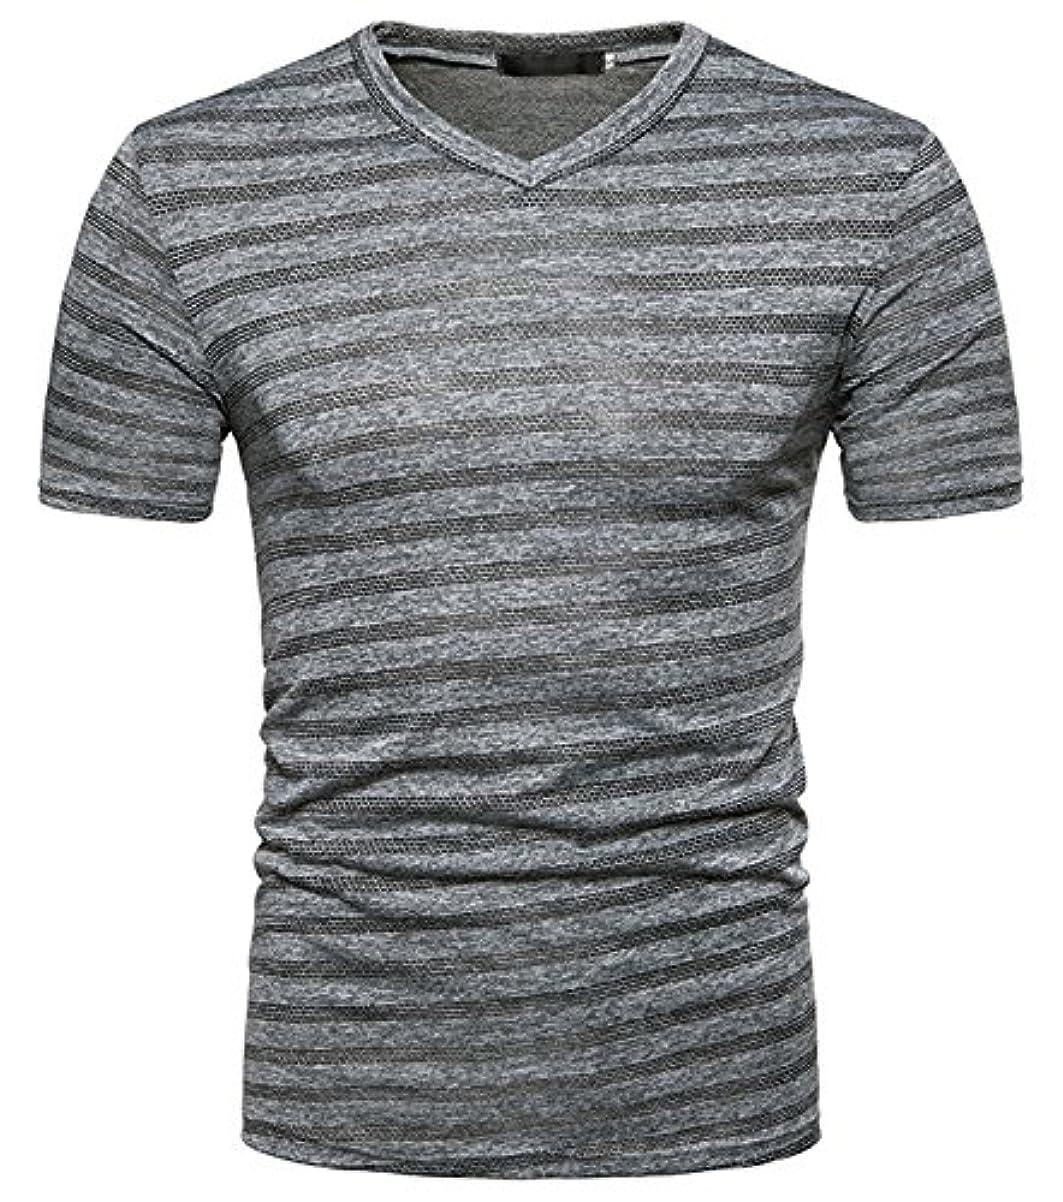 極めて重要な印象的ティッシュWhatlees(ワトリズ)メンズ Tシャツ 半袖 Vネック 薄手 速乾 カジュアル トップス